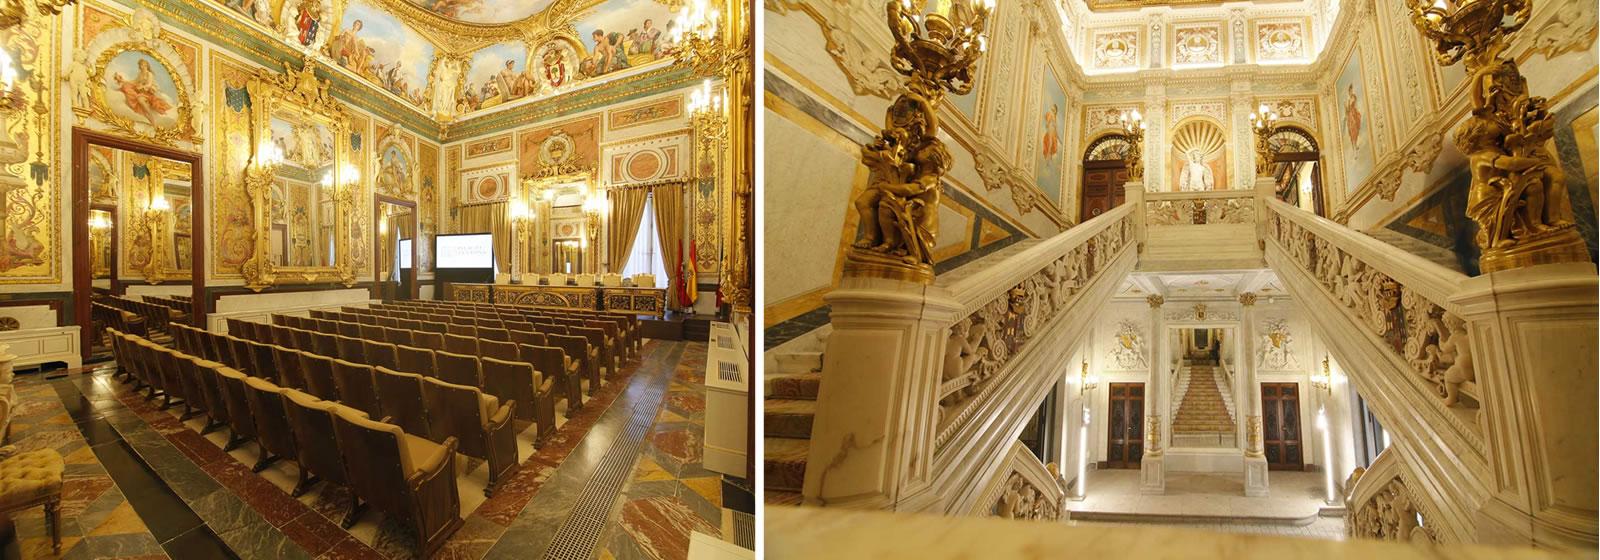 Vistas del interior del Palacio de Santoña, escalera princial y sala de actos.